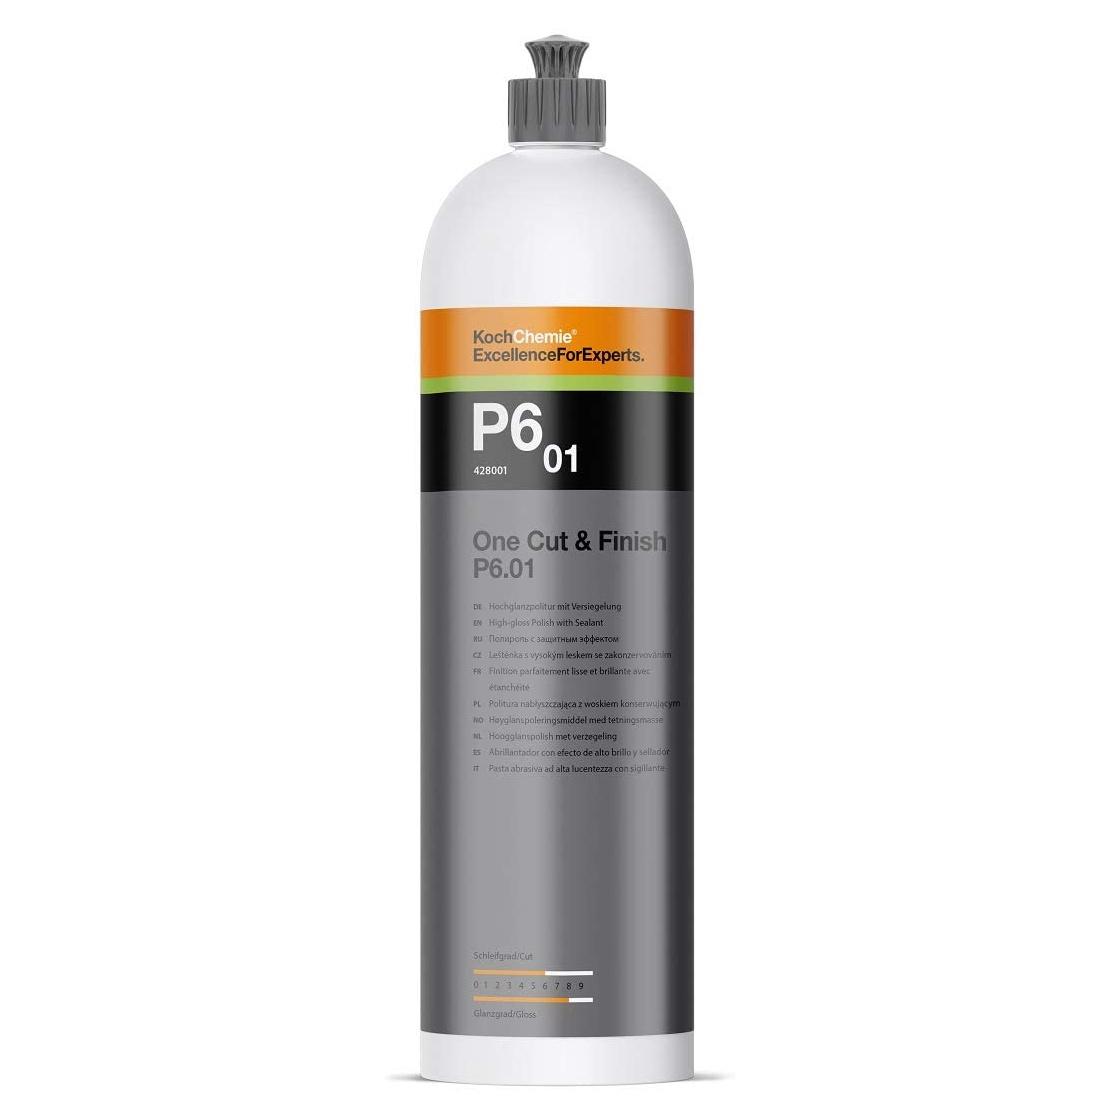 Koch Chemie Koch Chemie P6.01 One Cut & Finish 1000ml - Hochglanzpolitur mit Versiegelung